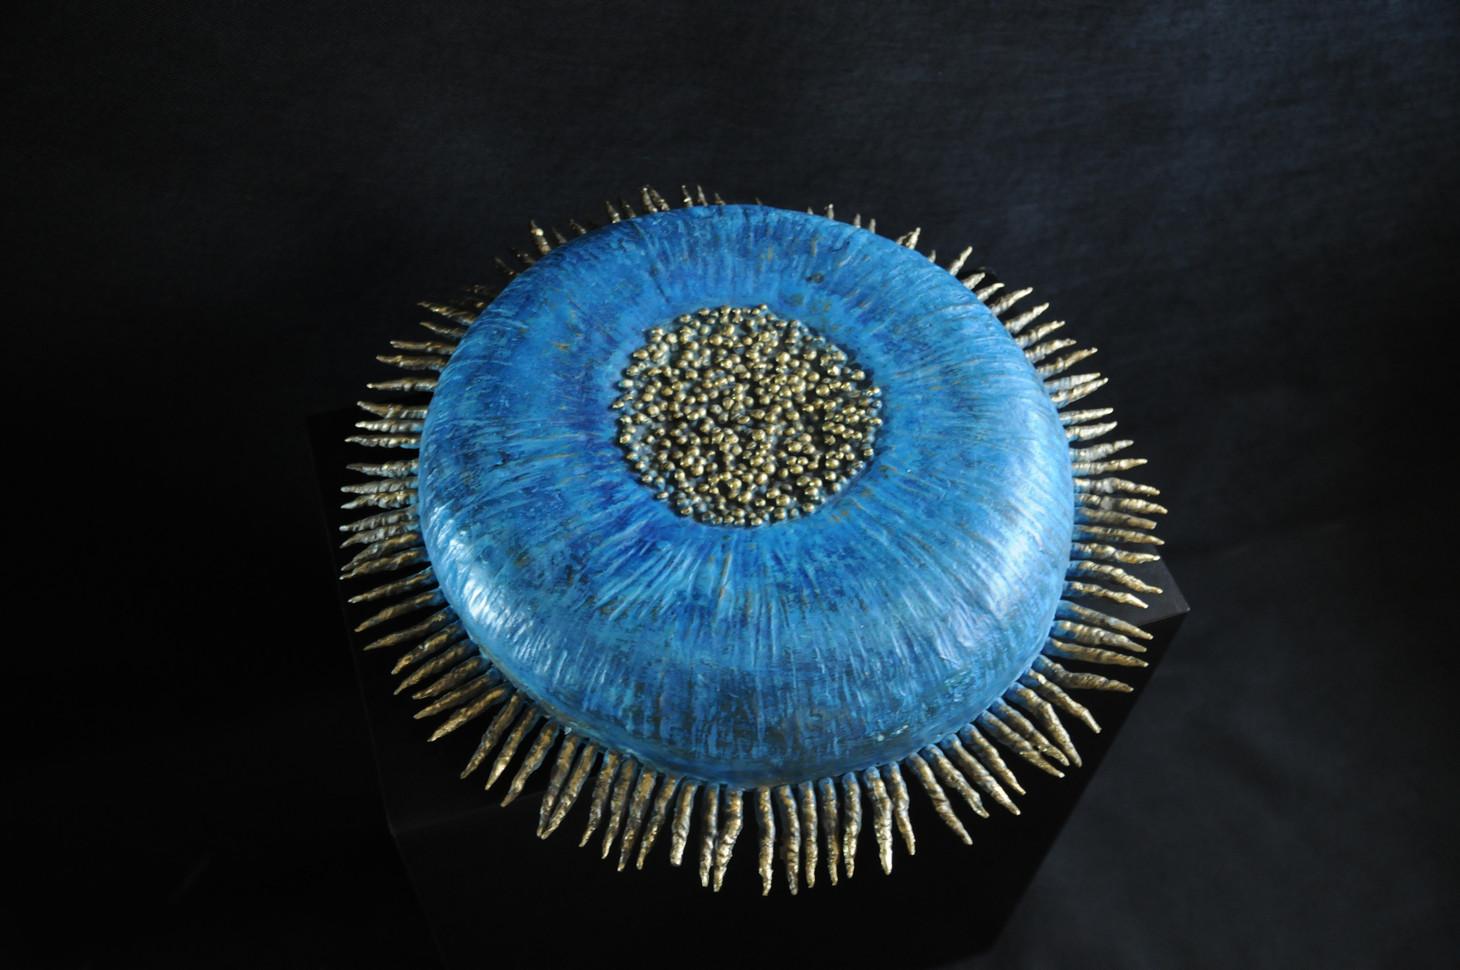 Small Round Anemone